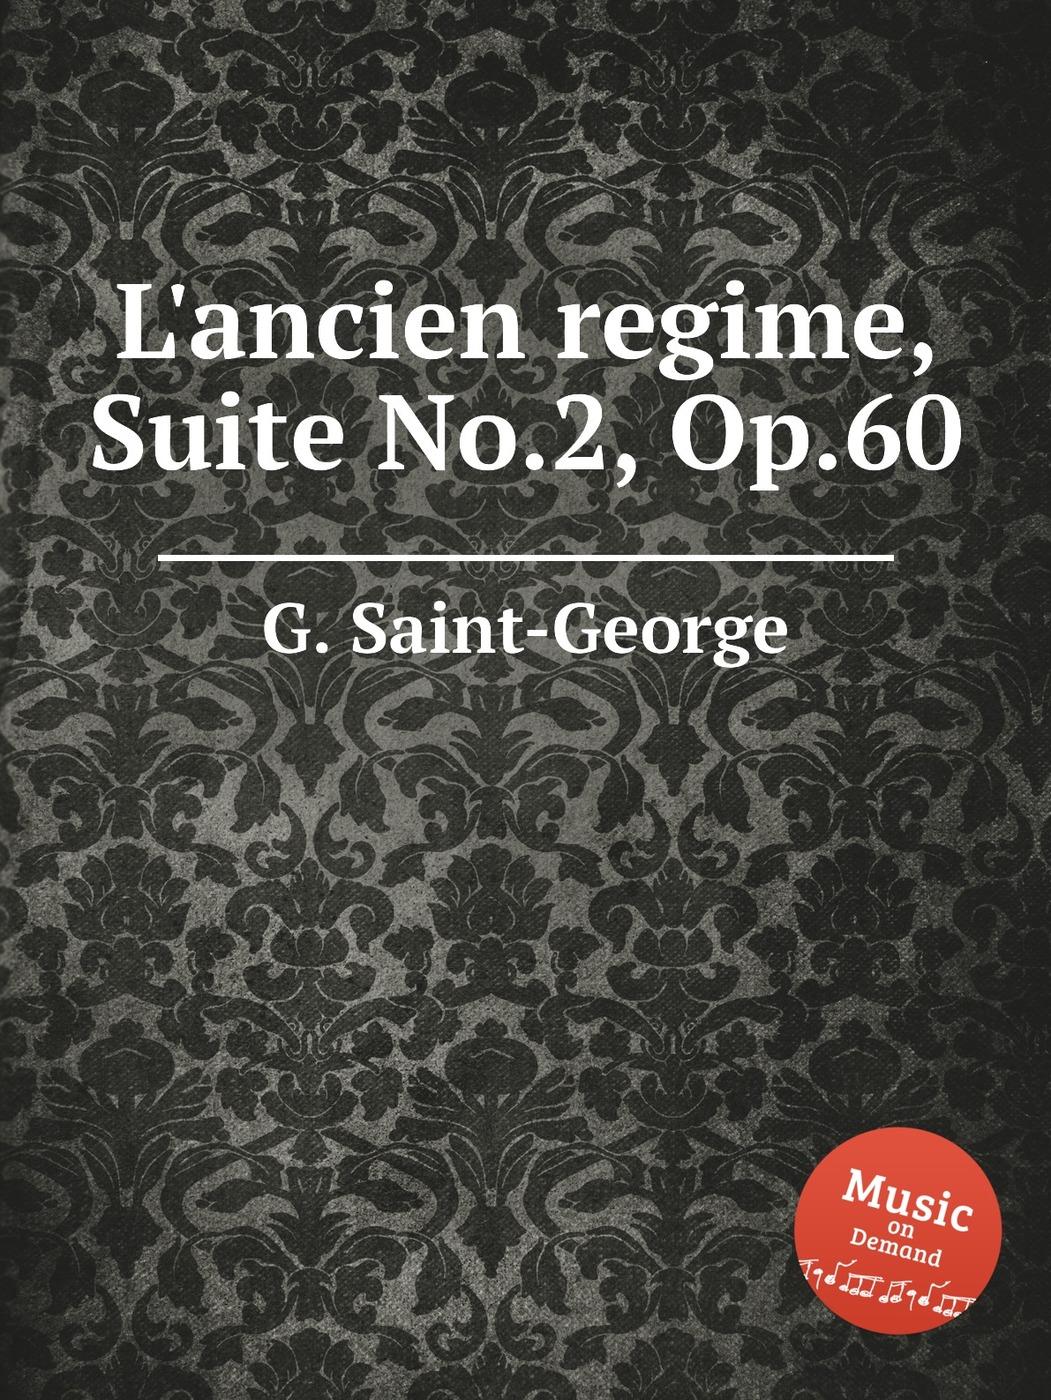 L'ancien rеgime, Suite No.2, Op.60